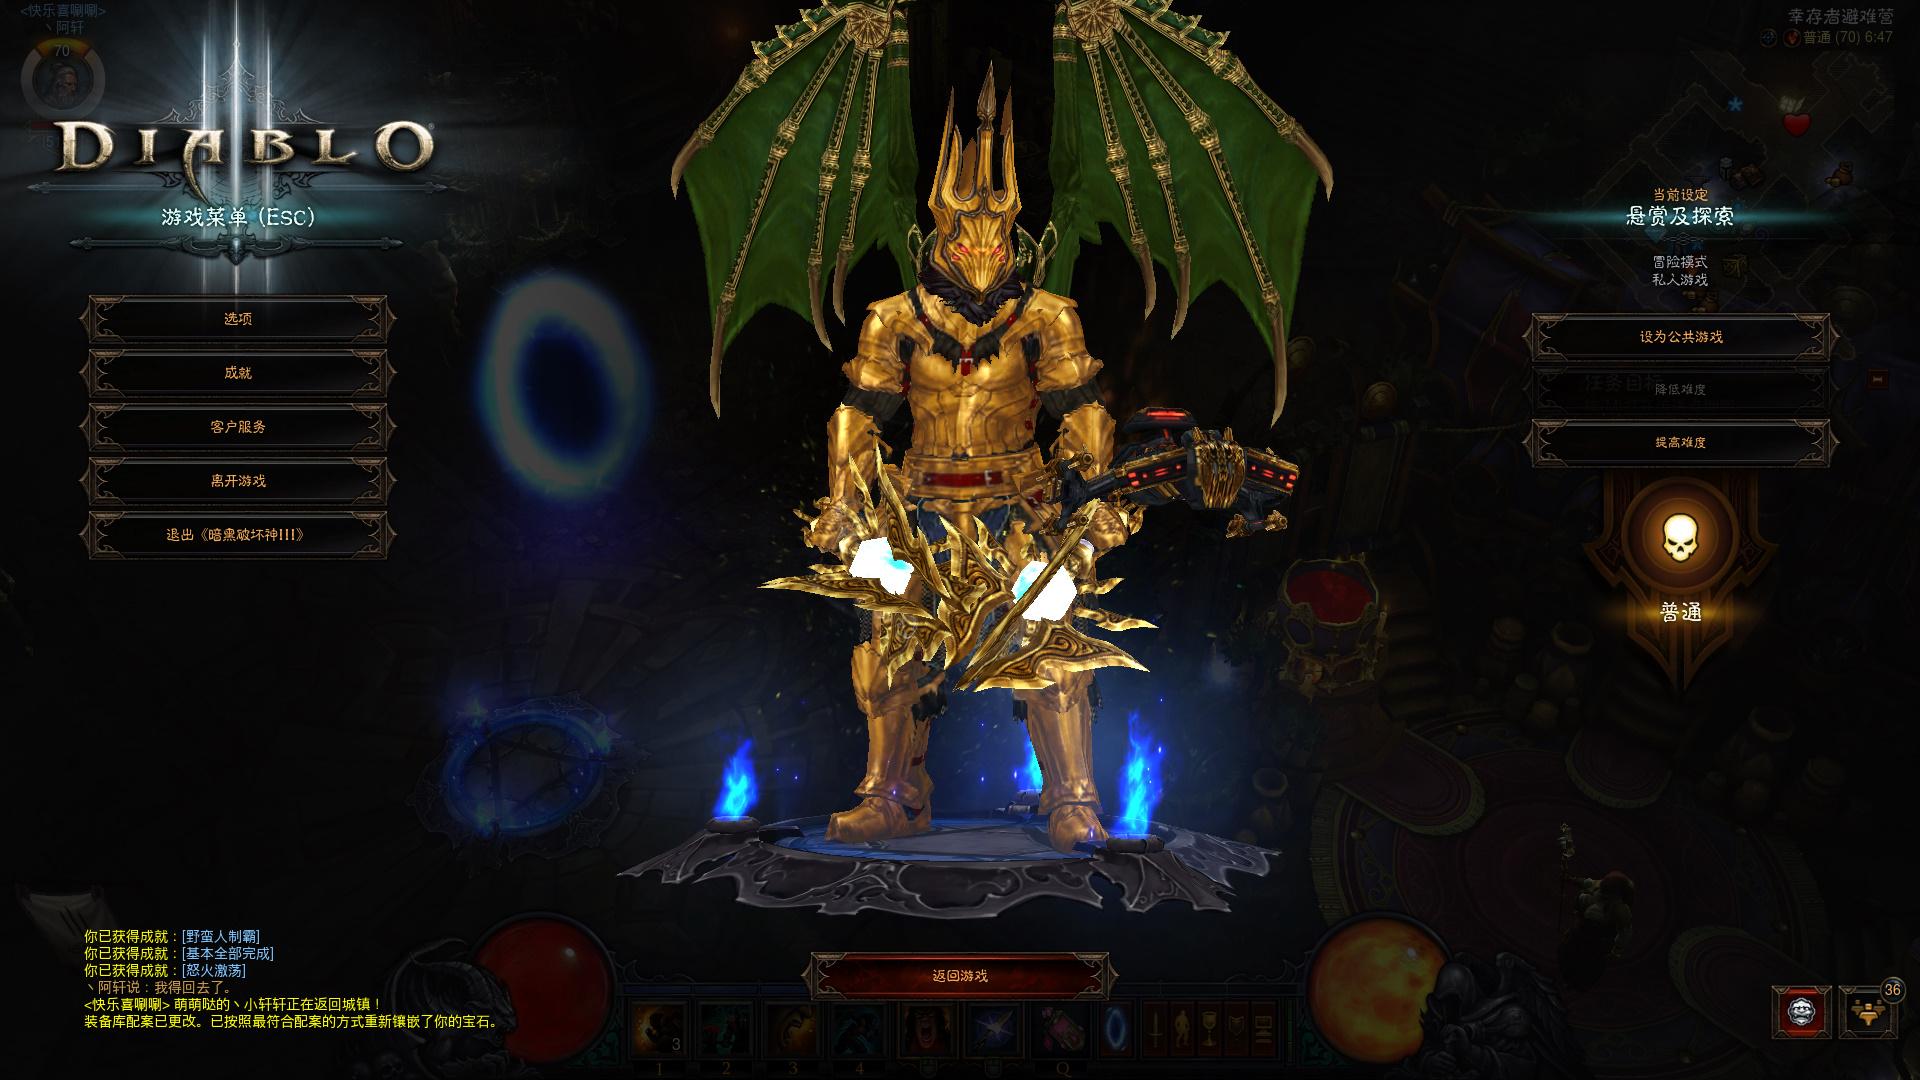 Diablo III64 2019-08-10 06-47-19-455.jpg